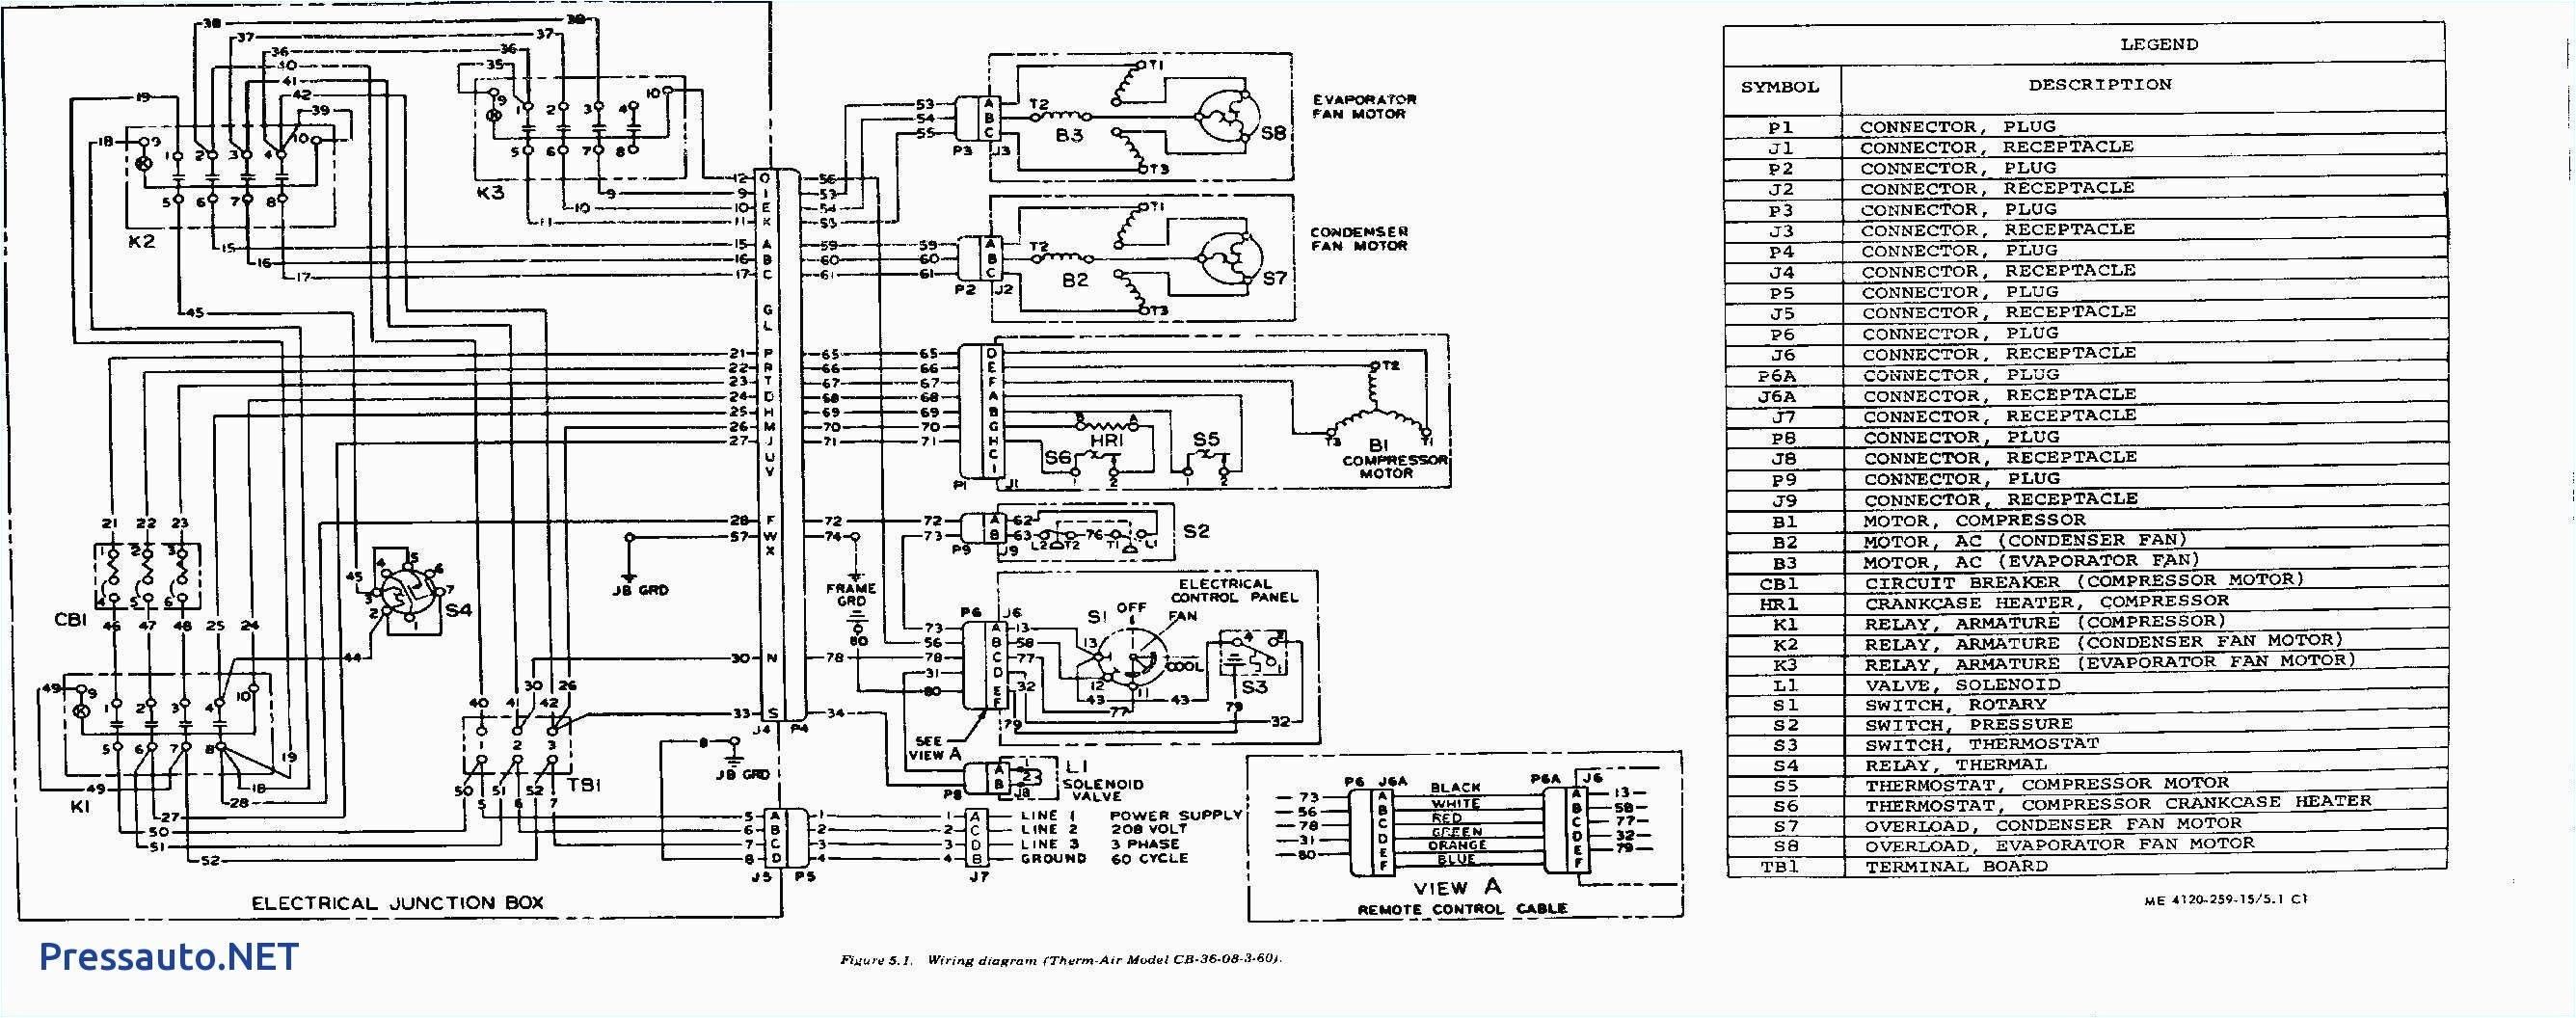 trane xe 900 wiring diagram wiring diagram blog trane air conditioning wiring diagrams trane air conditioning wiring diagram